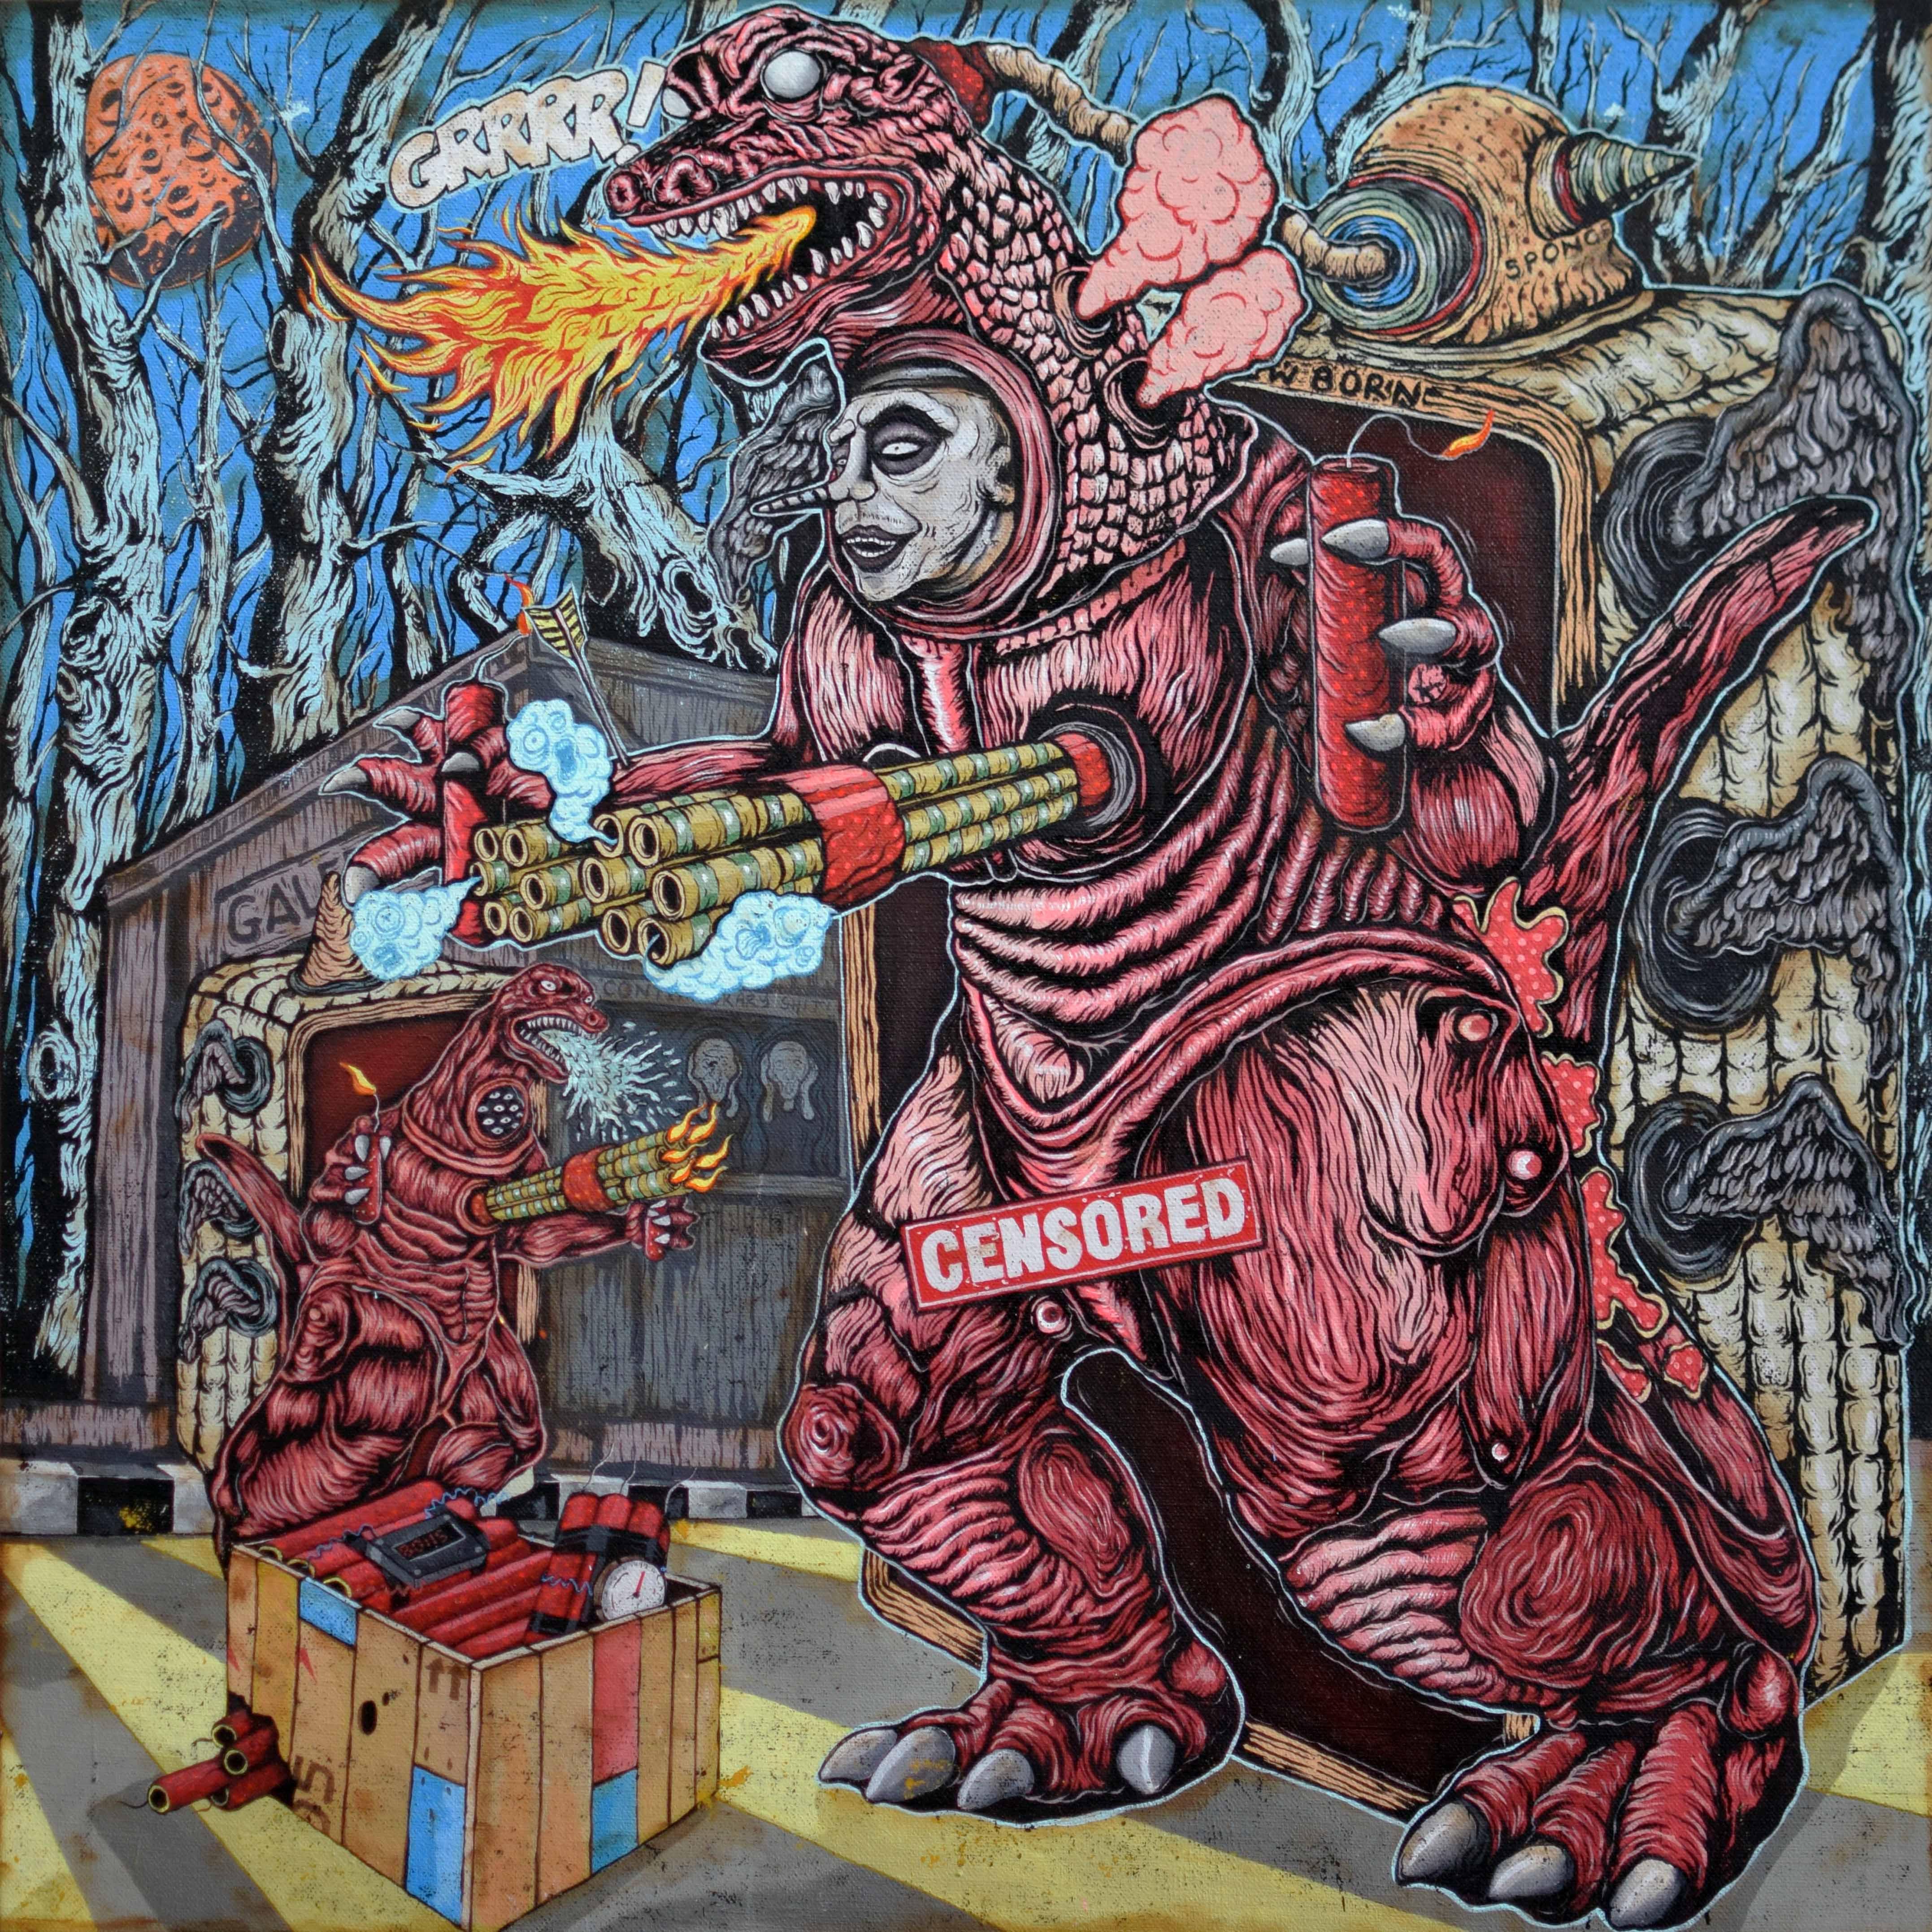 The Red Kaiju Roams the Art Circle